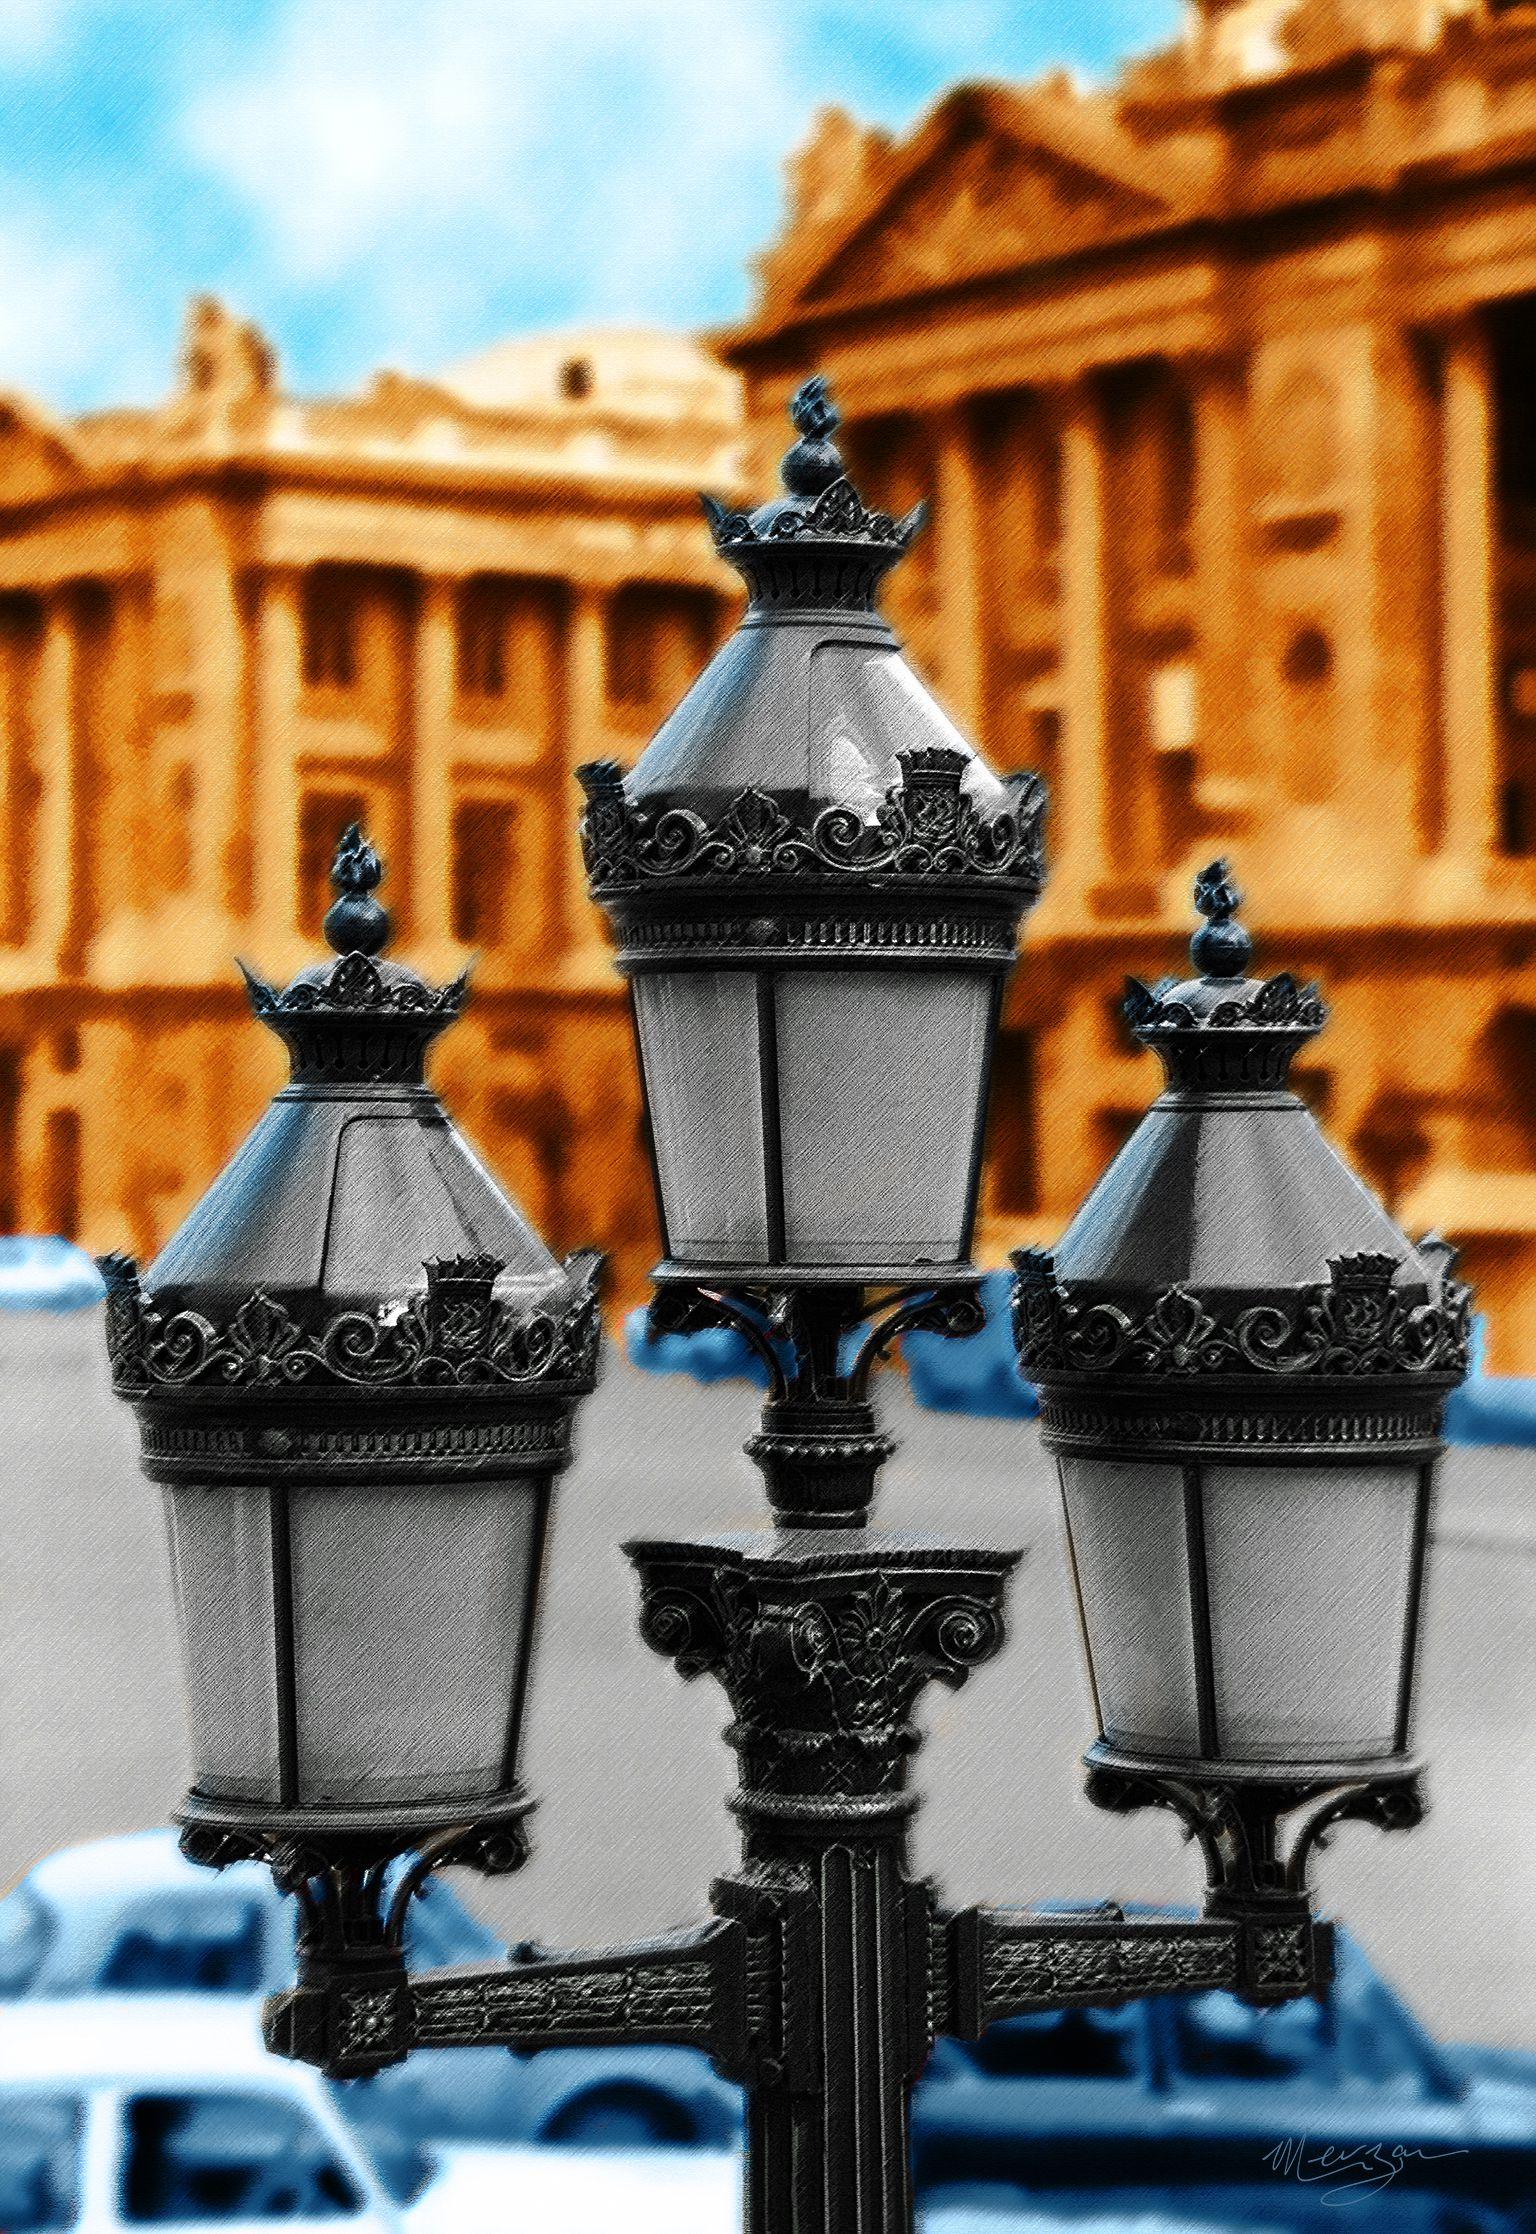 Street Lamps by Merzan